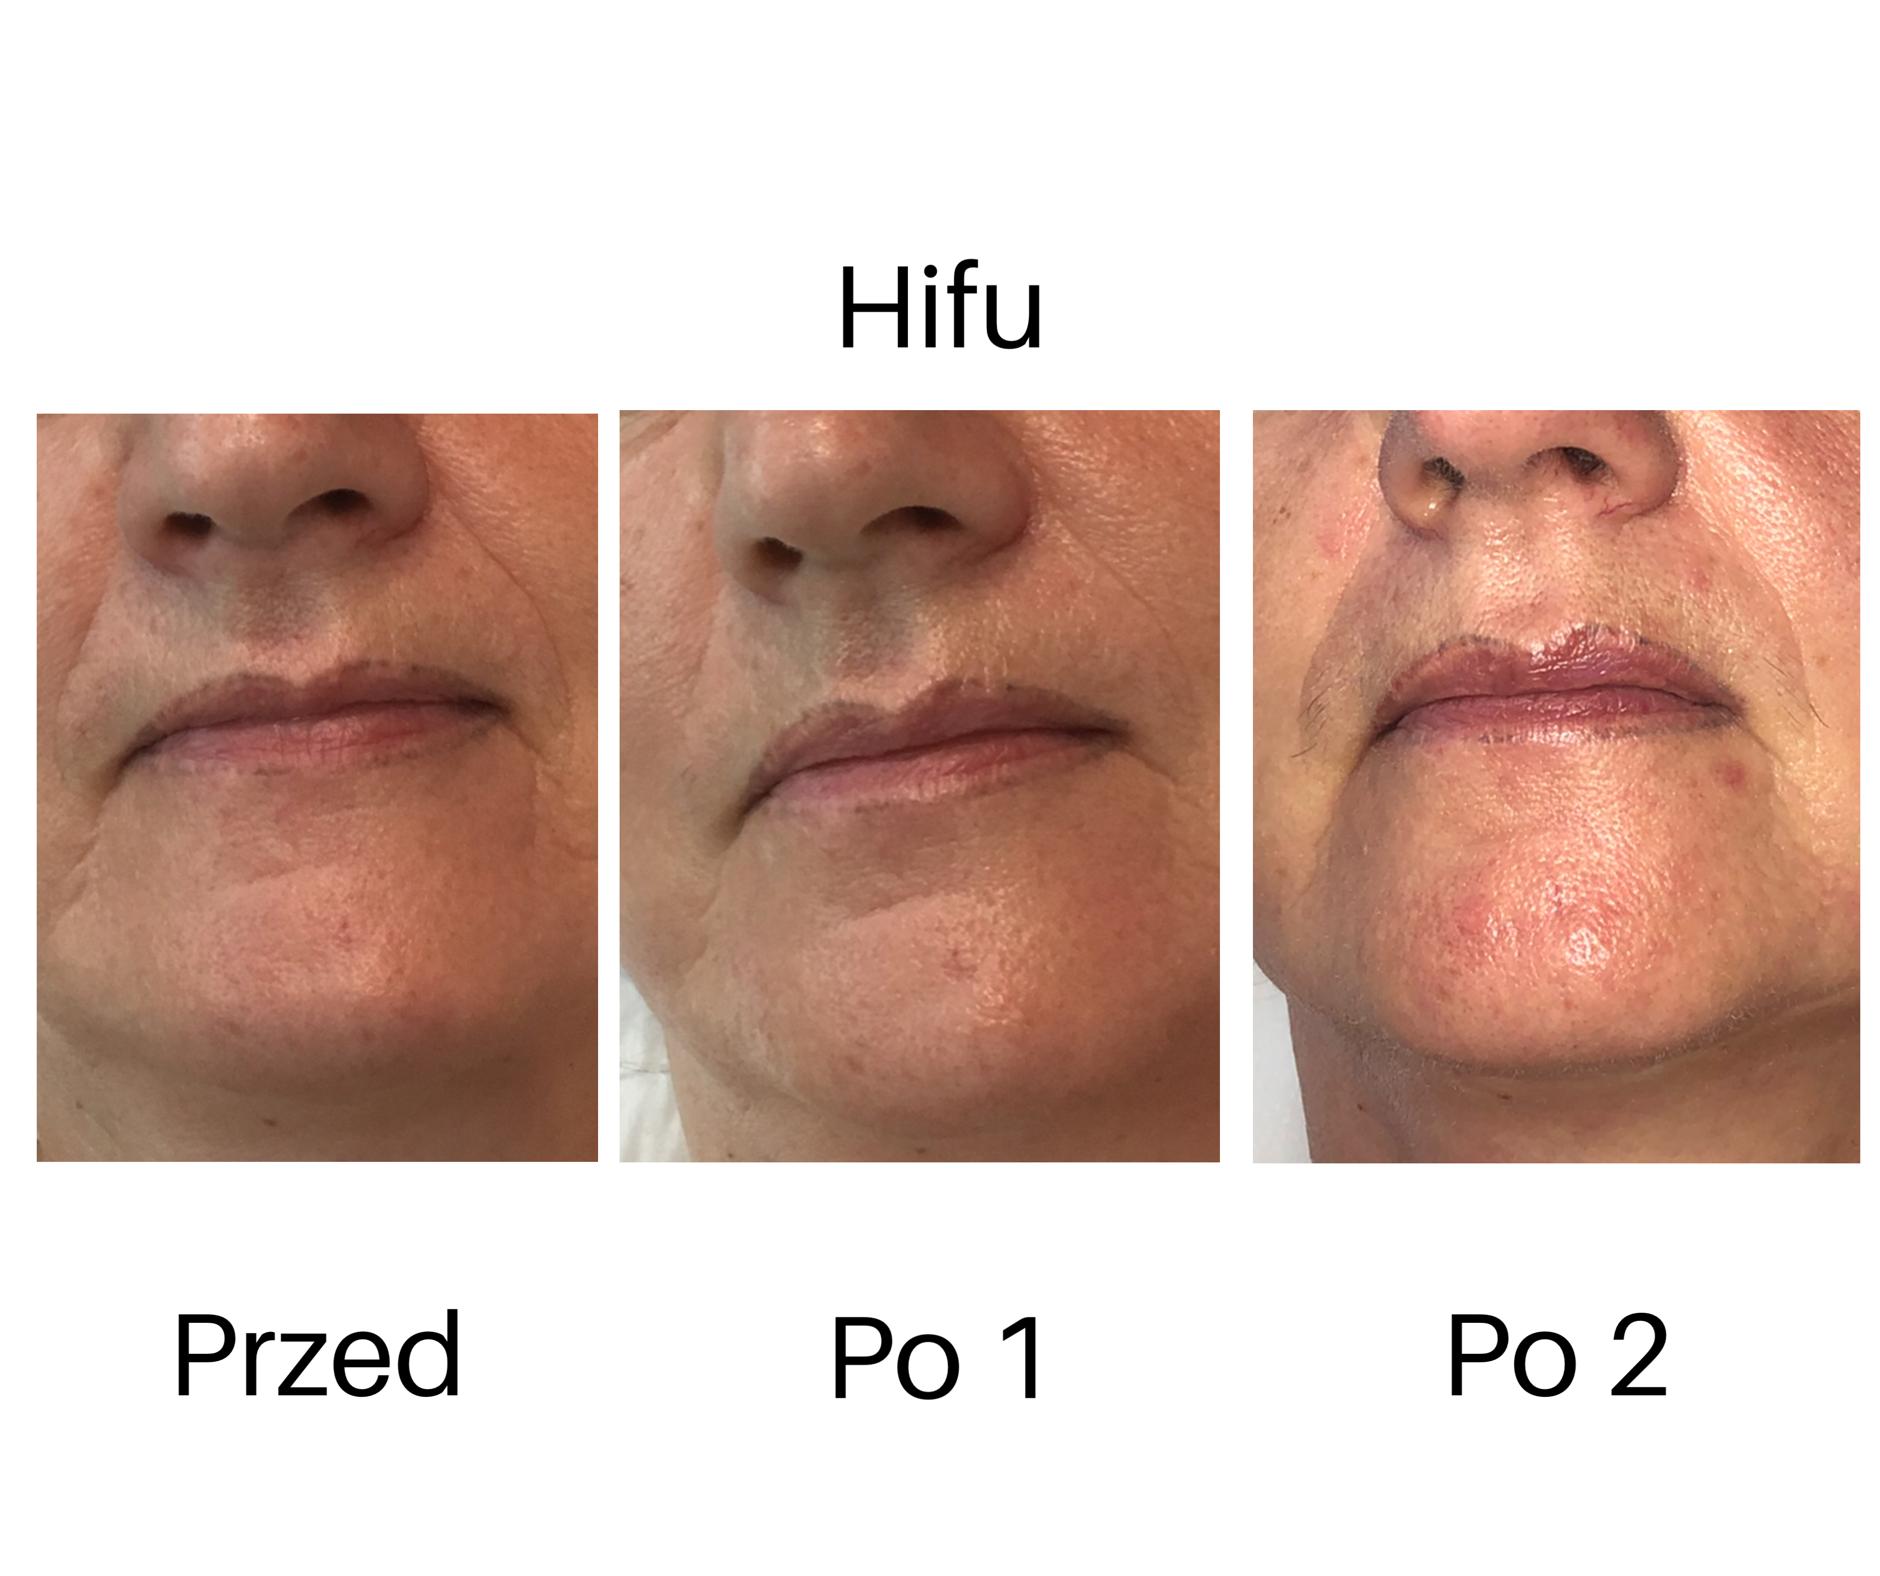 ifu lifting twarzy poprawa ust Kobieteri